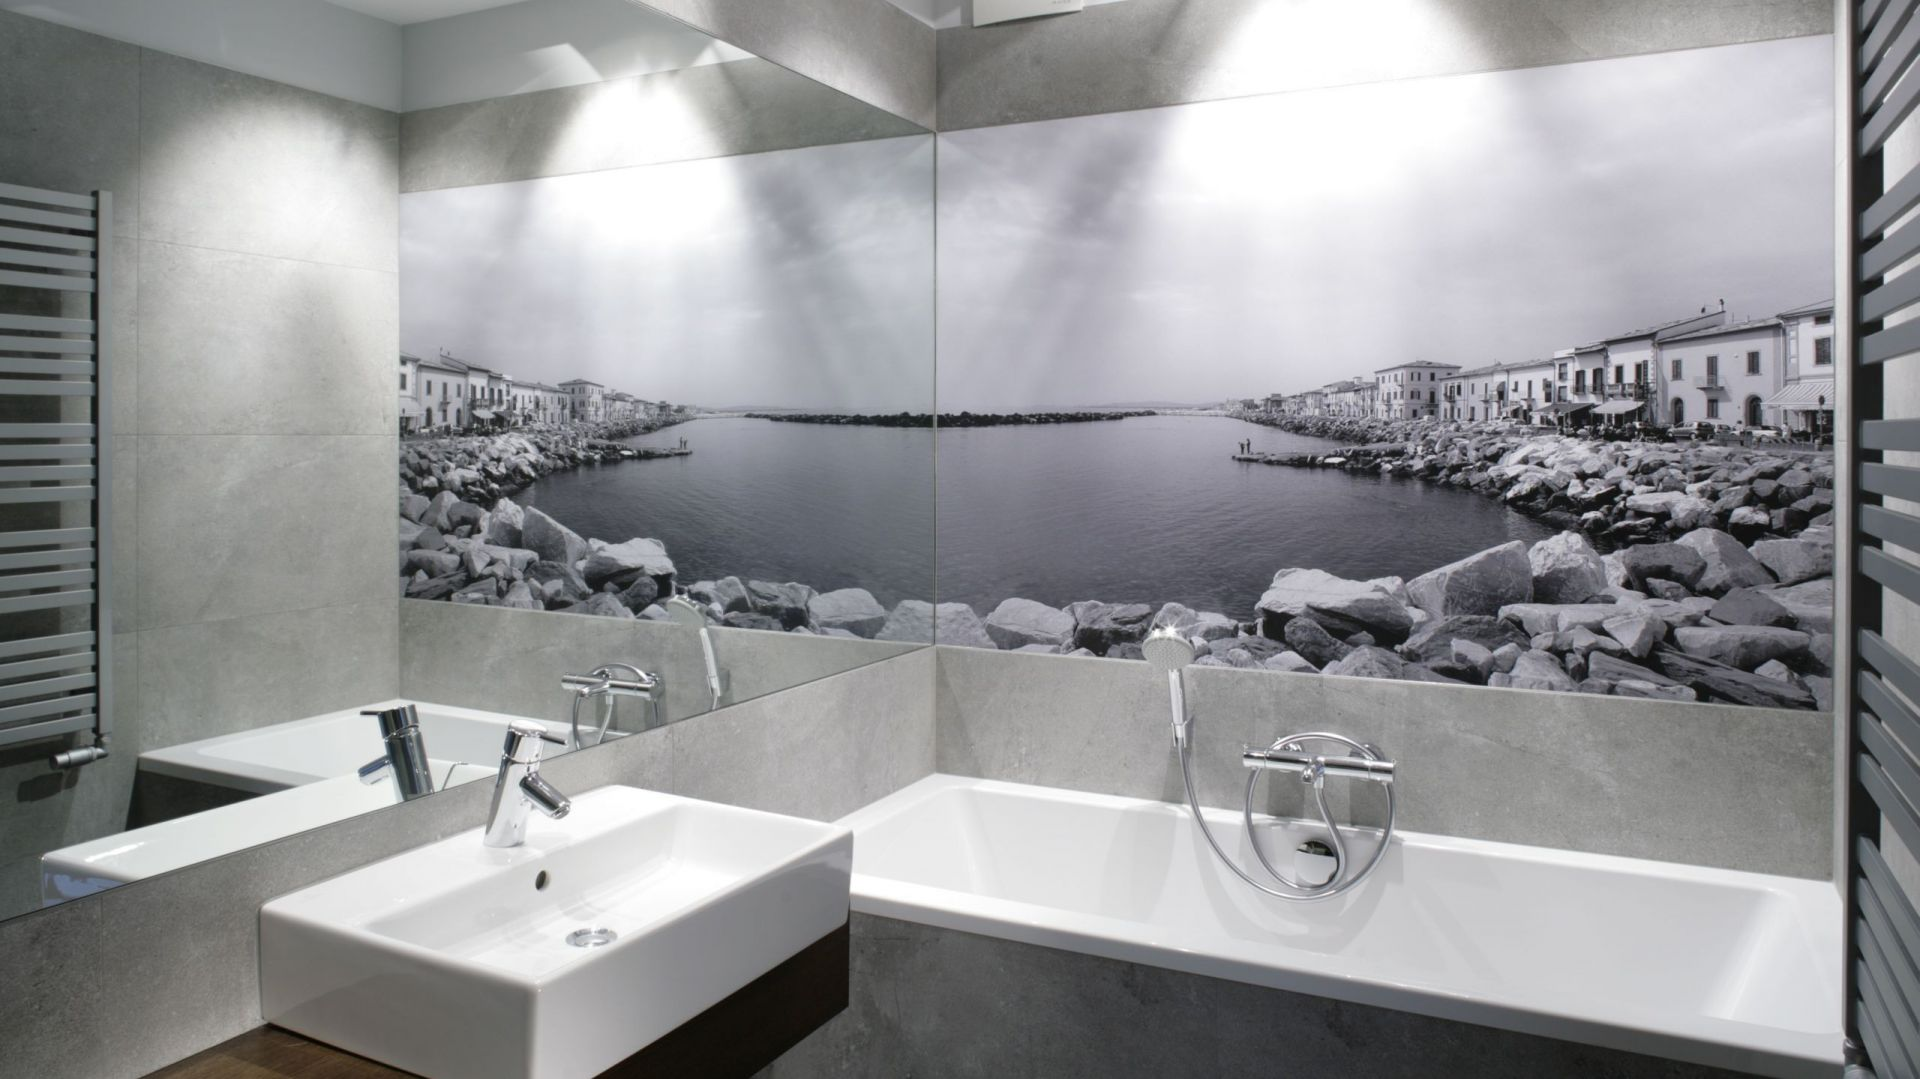 Aranżacja małej łazienki. Proj. Lucyna Kołodziejska. Fot. Bartosz Jarosz